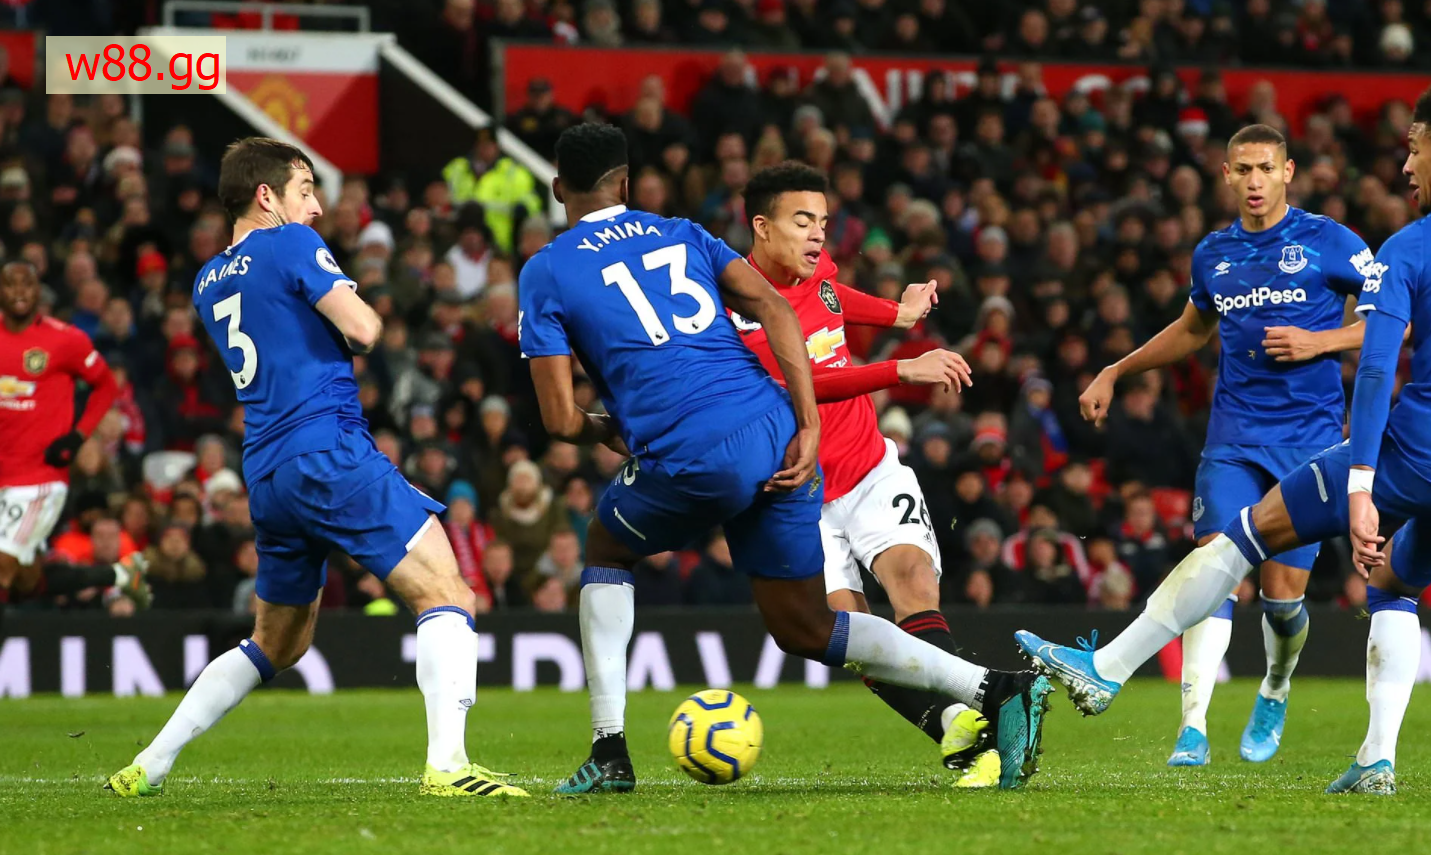 Soi kèo trận đấu Man Utd vs Everton